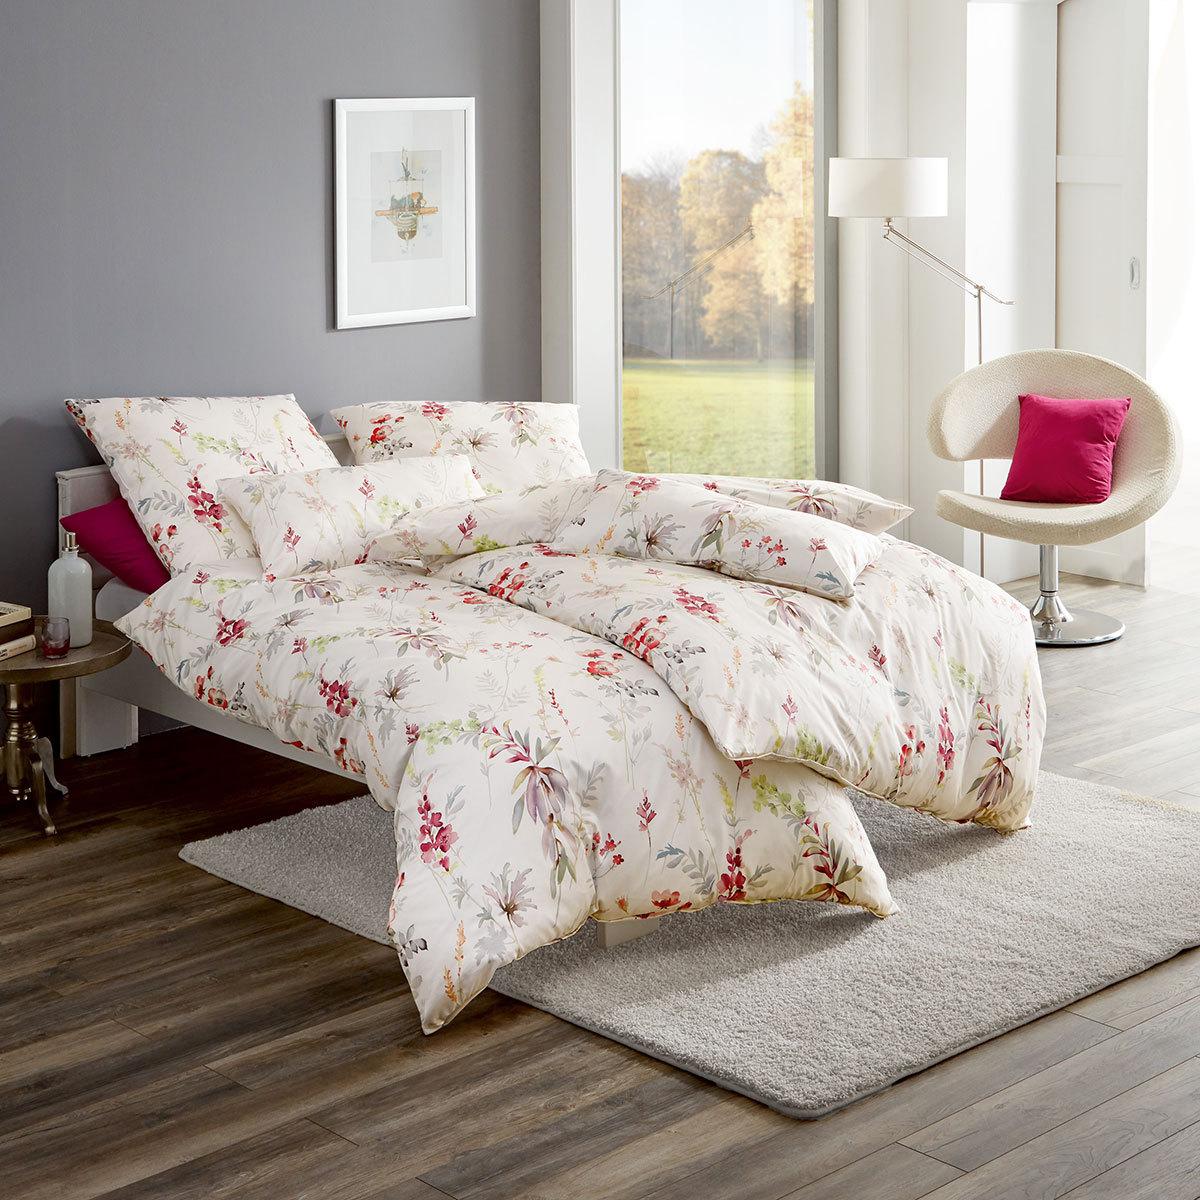 estella mako satin bettw sche mariella kirsch g nstig. Black Bedroom Furniture Sets. Home Design Ideas